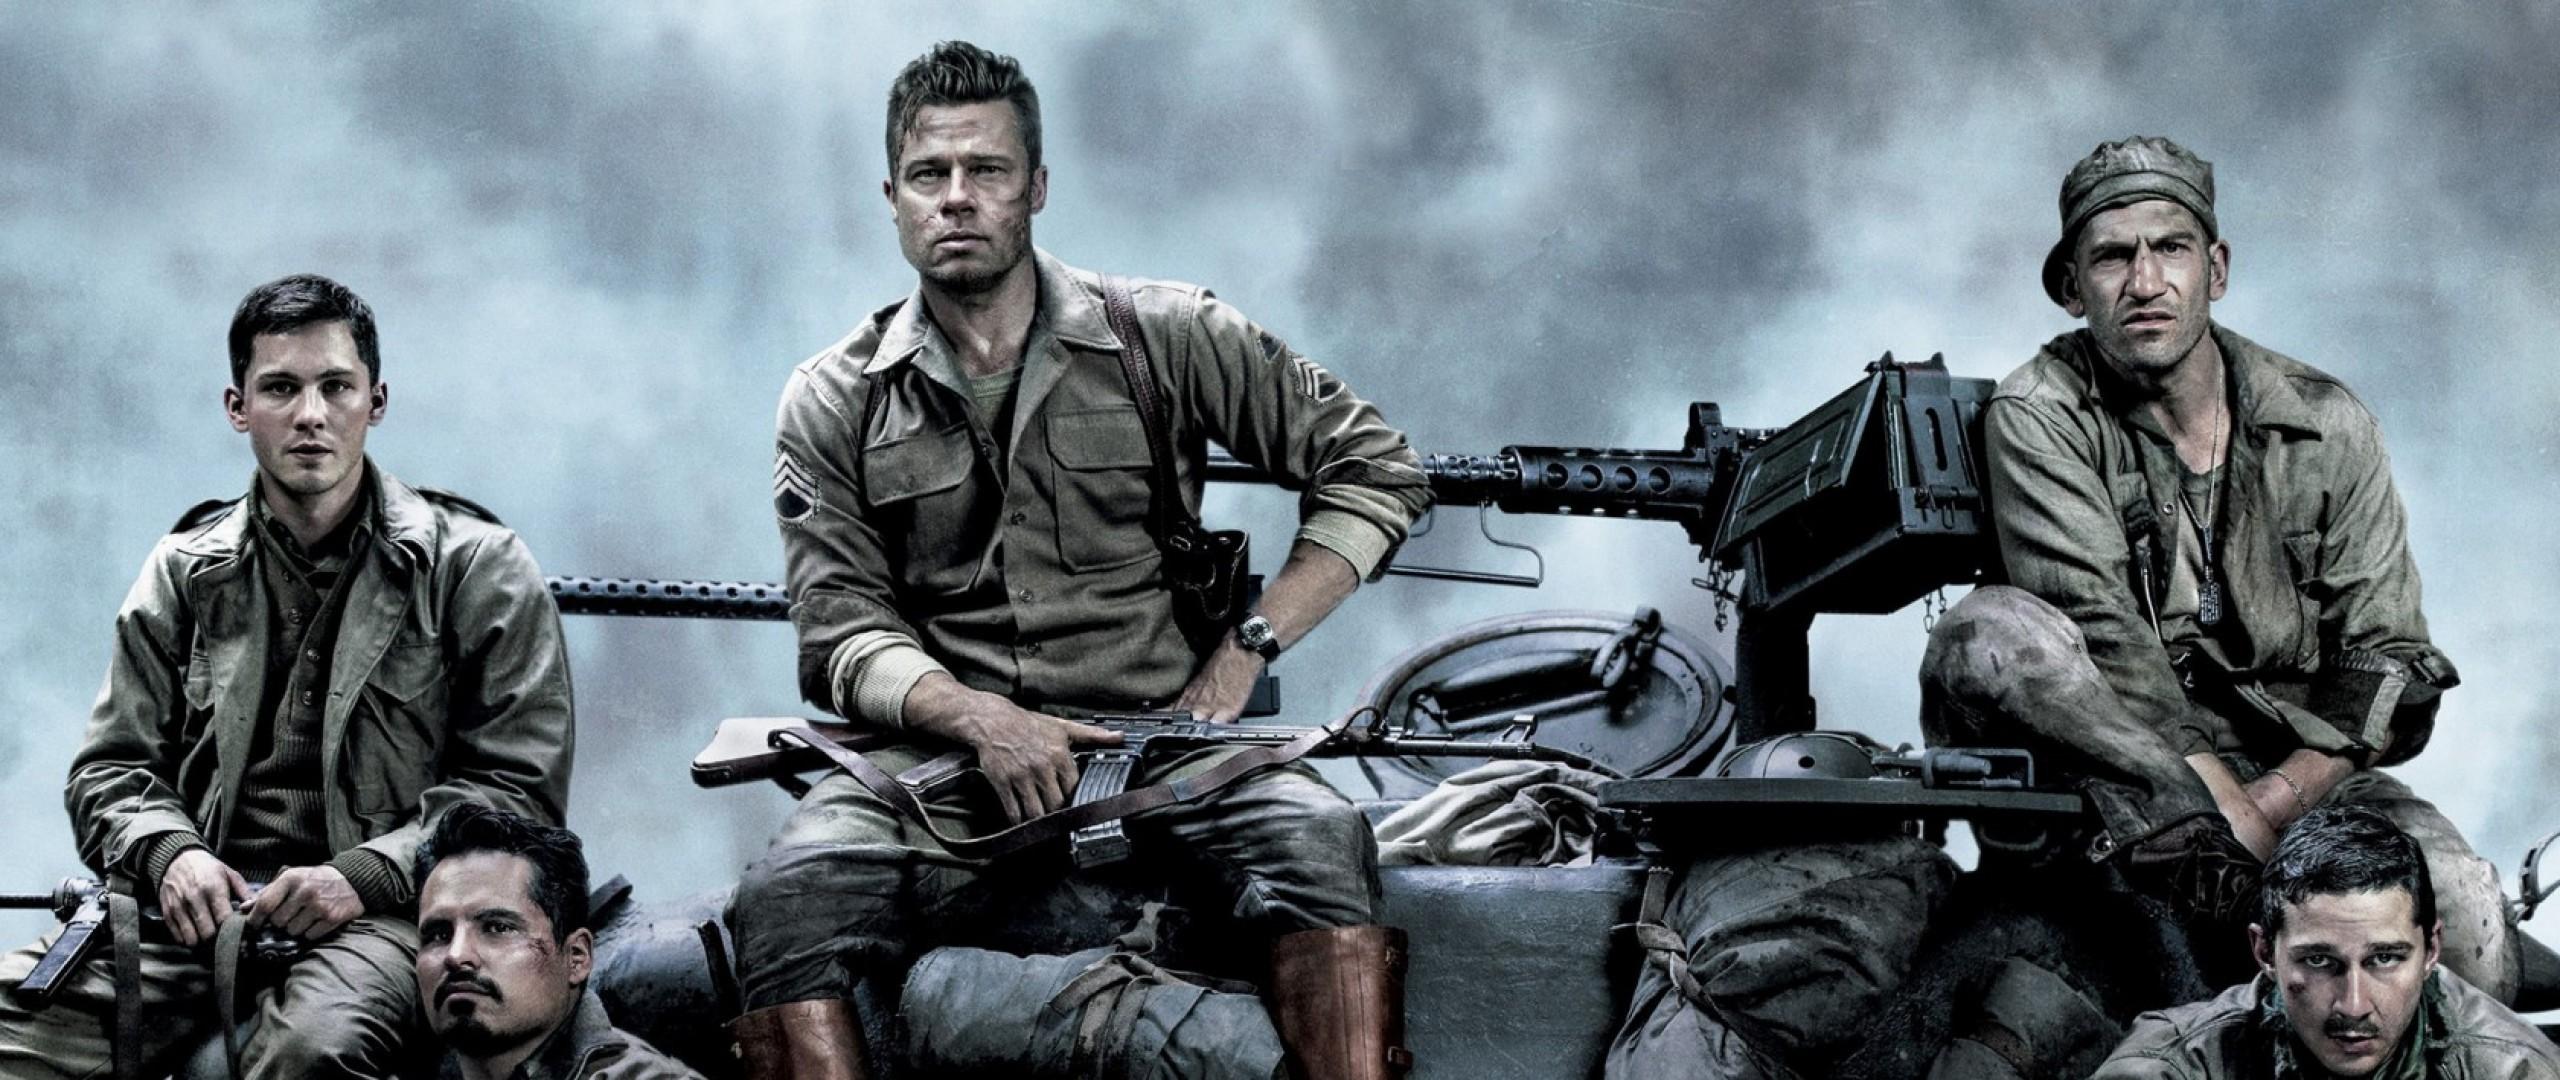 Preview Wallpaper Fury, Brad Pitt, Logan Lerman, Shia Labeouf, Michael Pena  2560×1080